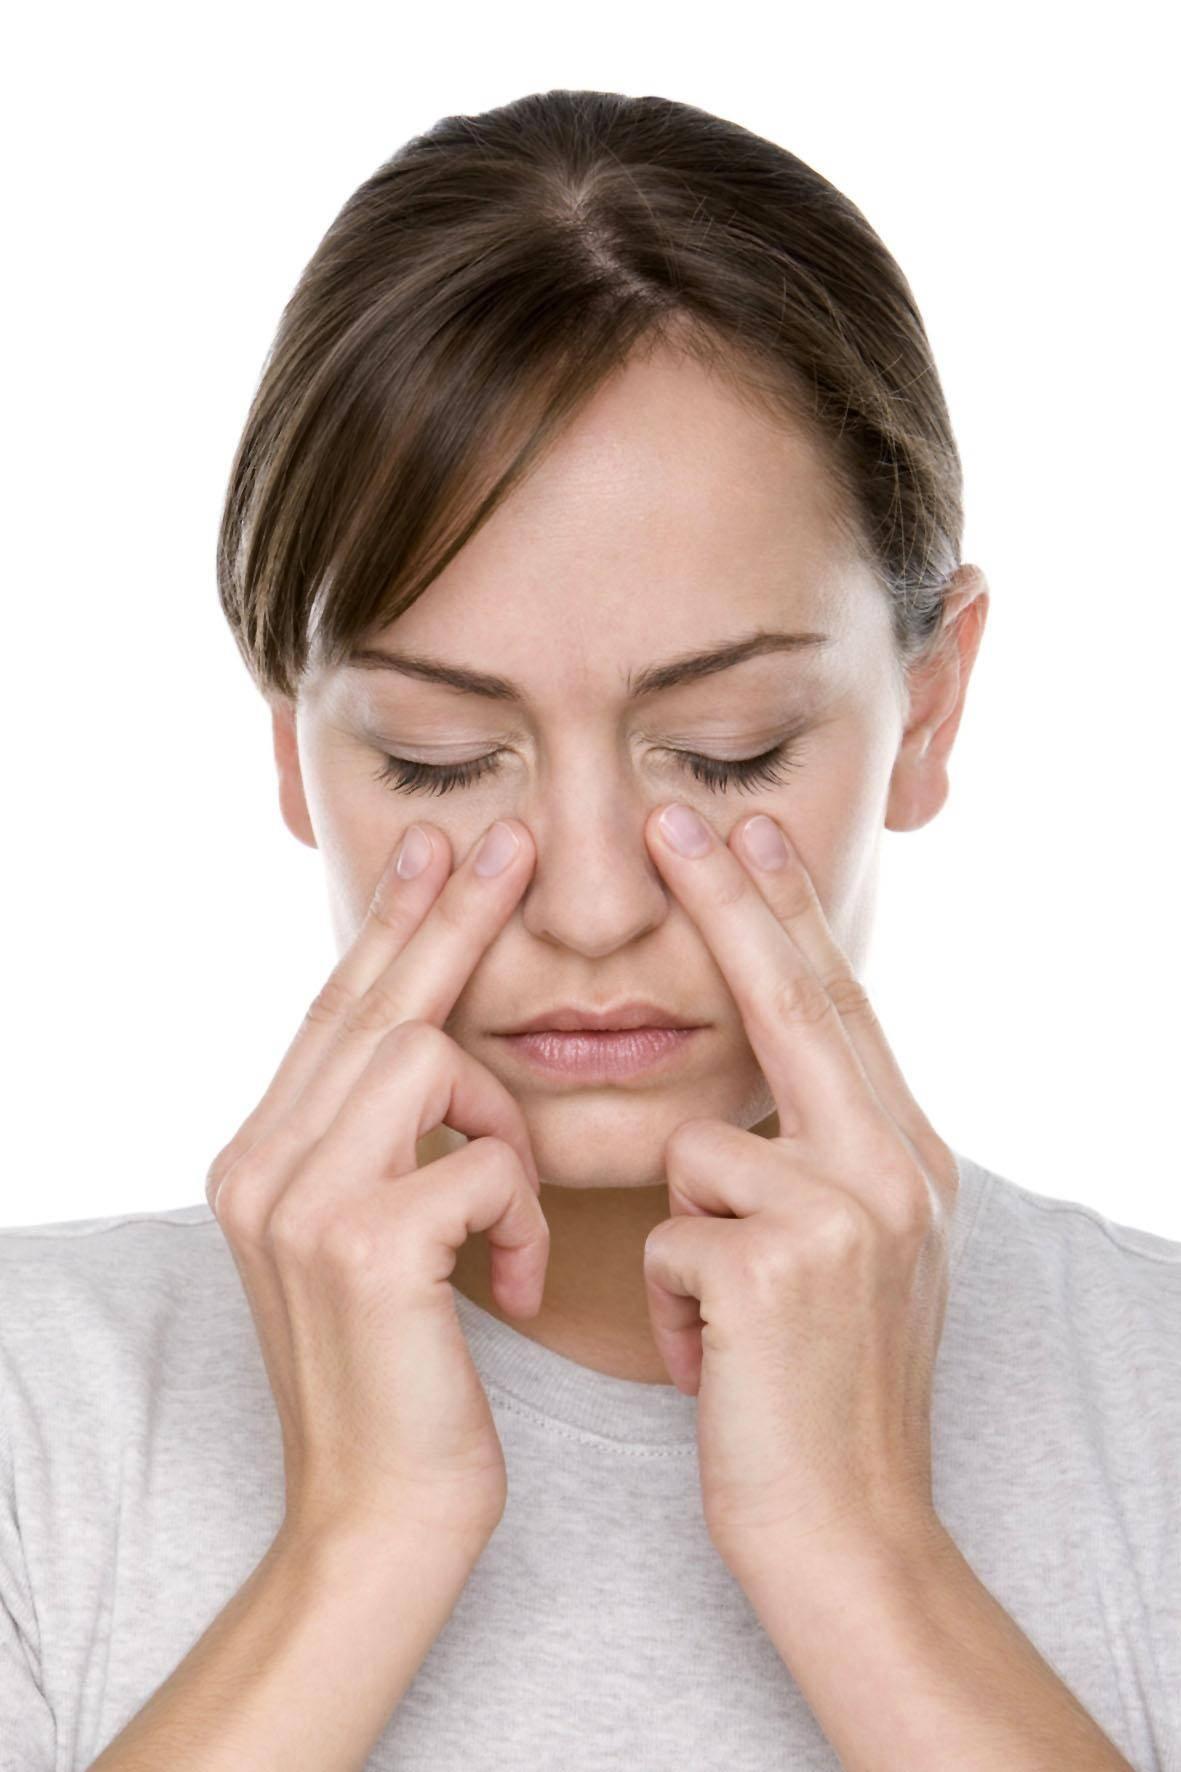 почему болит в носу внутри